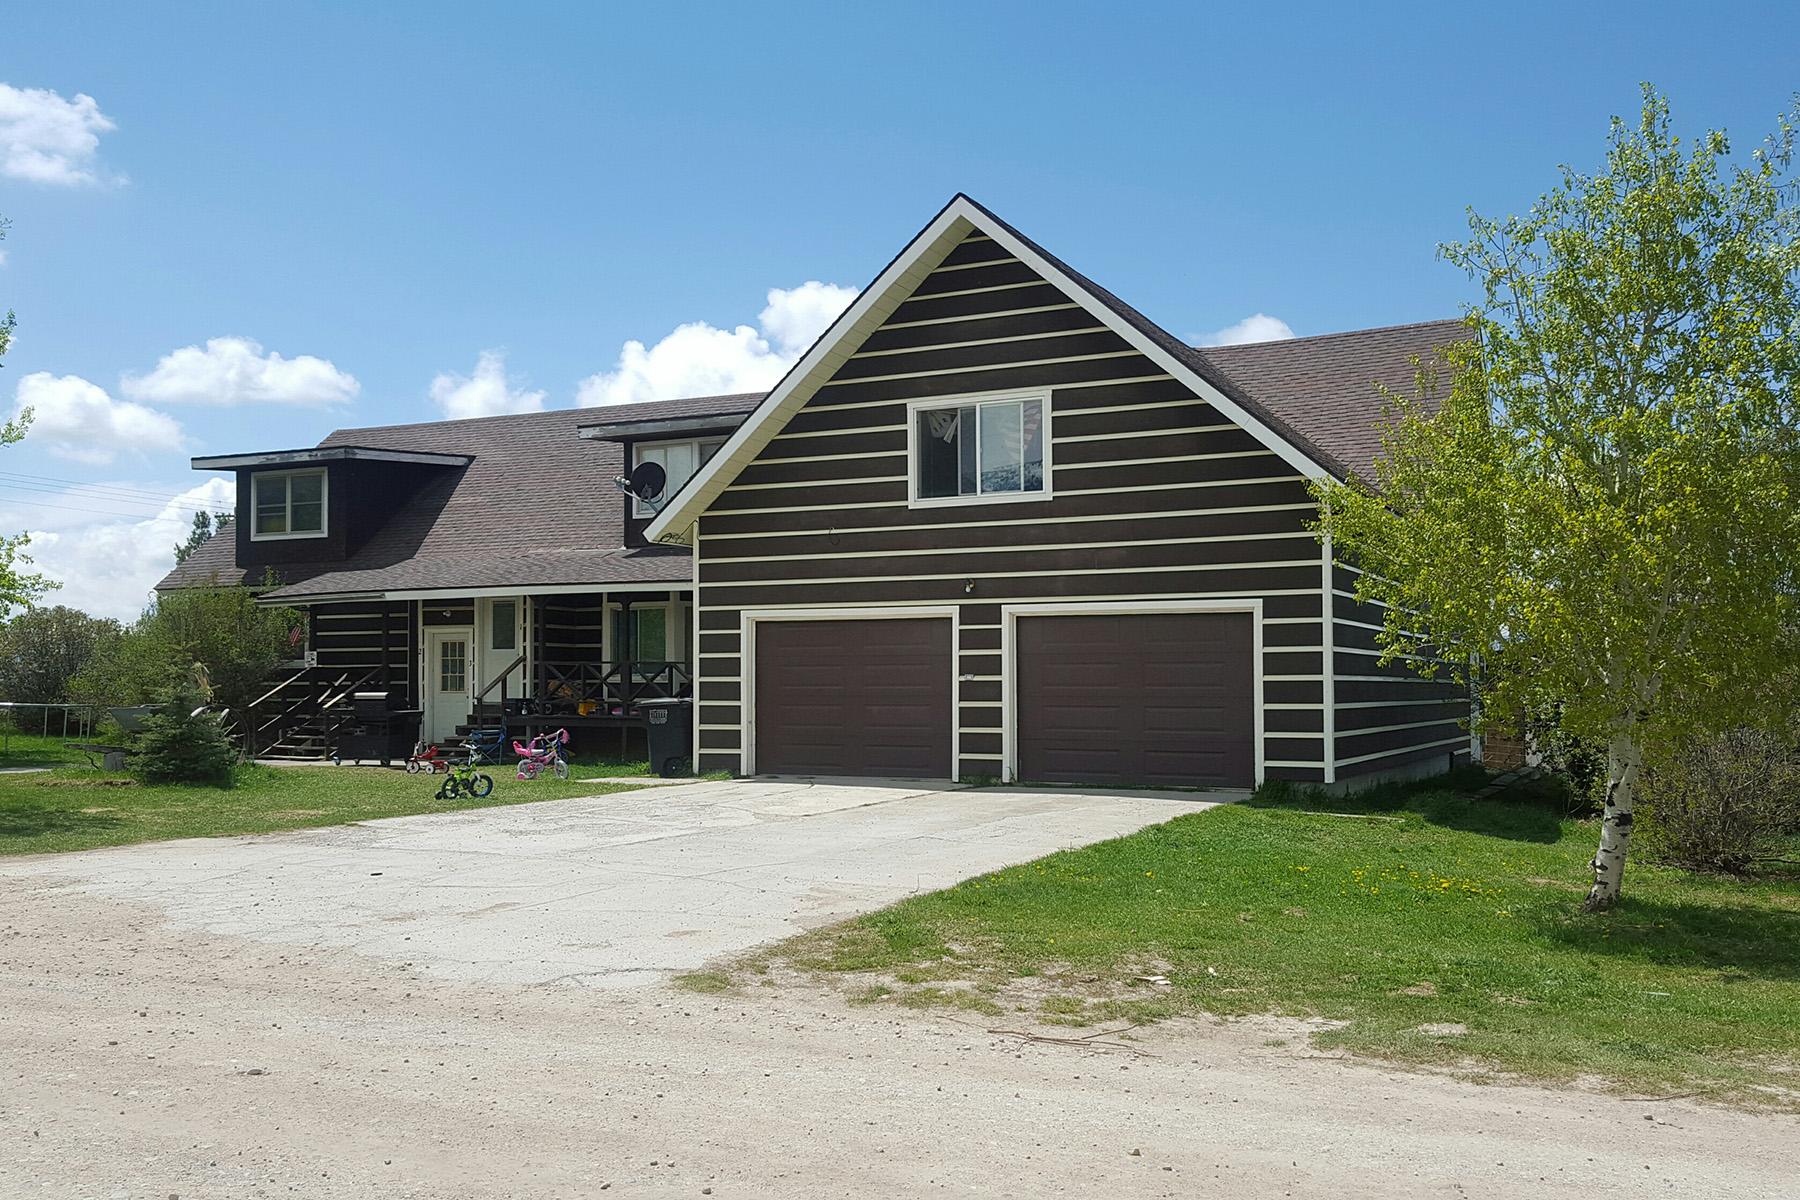 Casa multifamiliare per Vendita alle ore Western 4 Plex on 3 Acres 1970 South 1500 East Driggs, Idaho, 83422 Stati Uniti